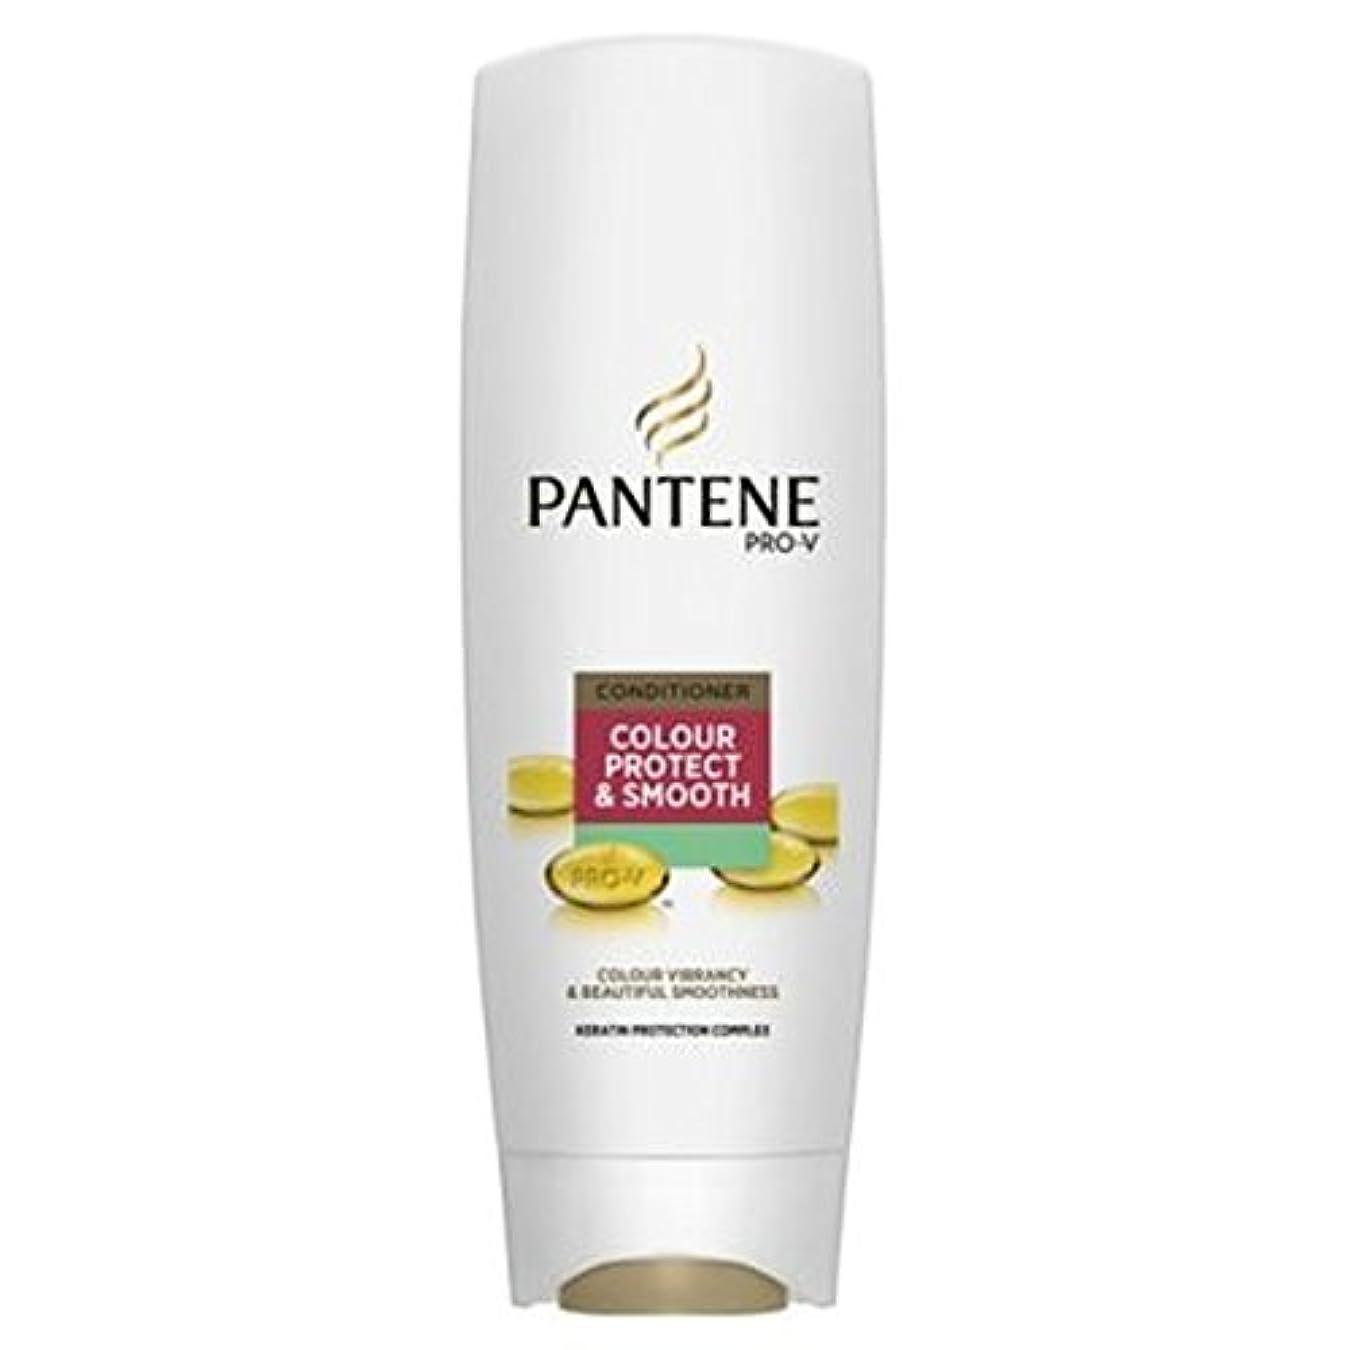 チャネルノベルティ霧深いパンテーンプロVの色保護&スムーズコンディショナー360ミリリットル (Pantene) (x2) - Pantene Pro-V Colour Protect & Smooth Conditioner 360ml (Pack of 2) [並行輸入品]